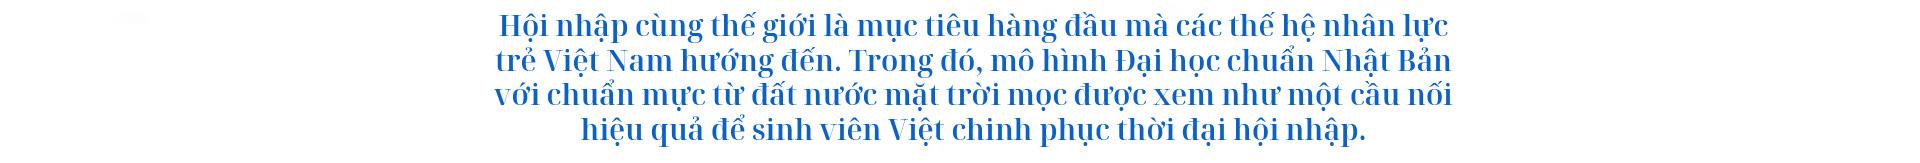 Bản sắc Việt & tác phong Nhật: Giá trị chương trình Đại học chuẩn Nhật Bản - Ảnh 1.